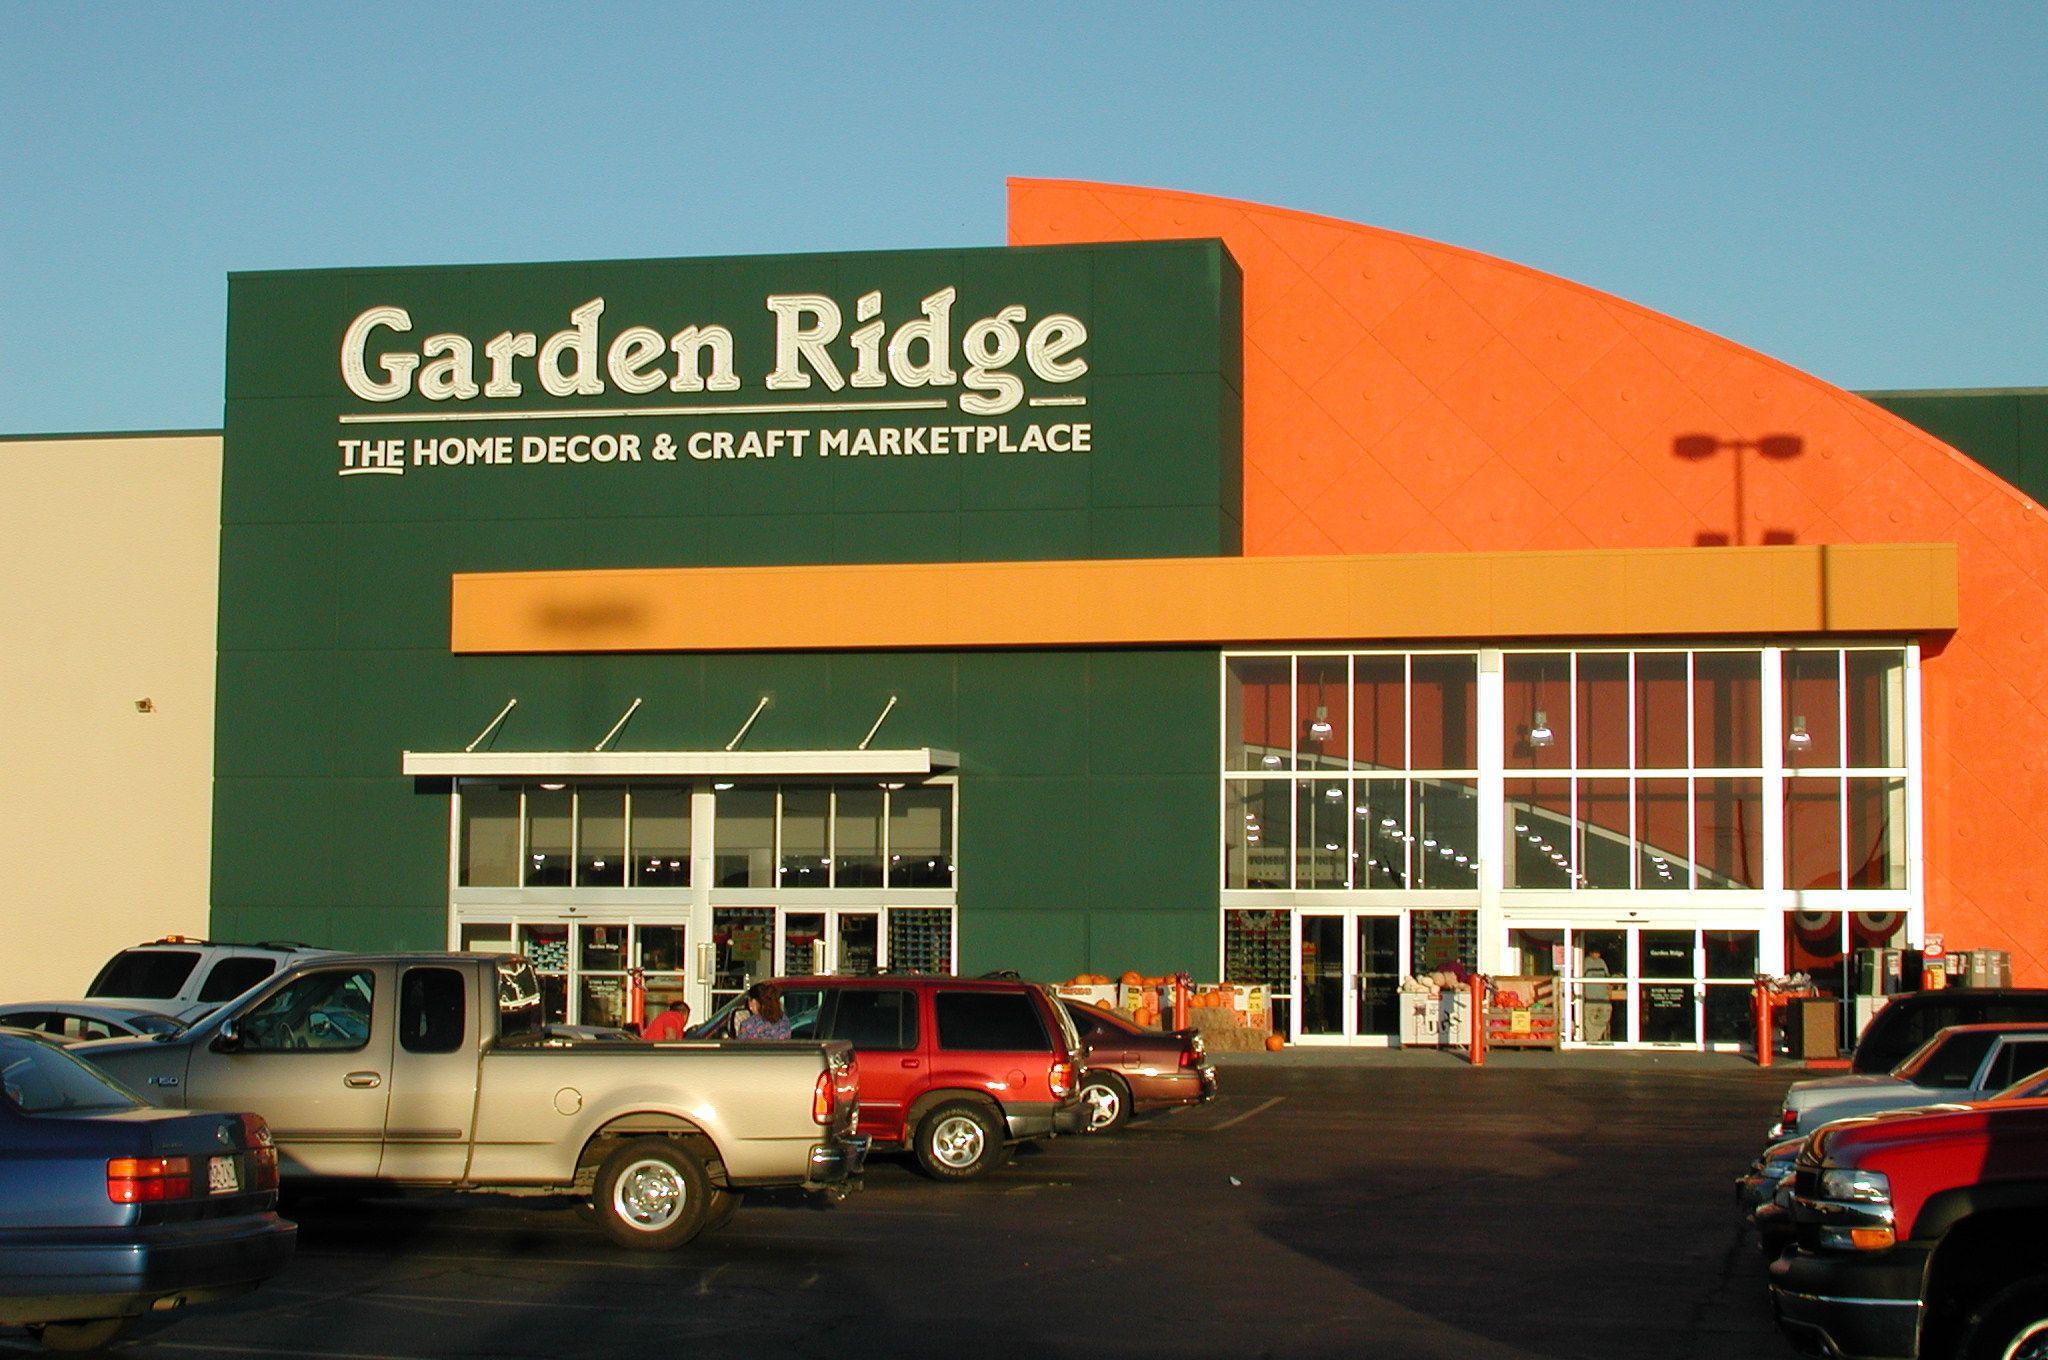 garden ridge - Google Search  Garden ridge, Garden, Decor crafts